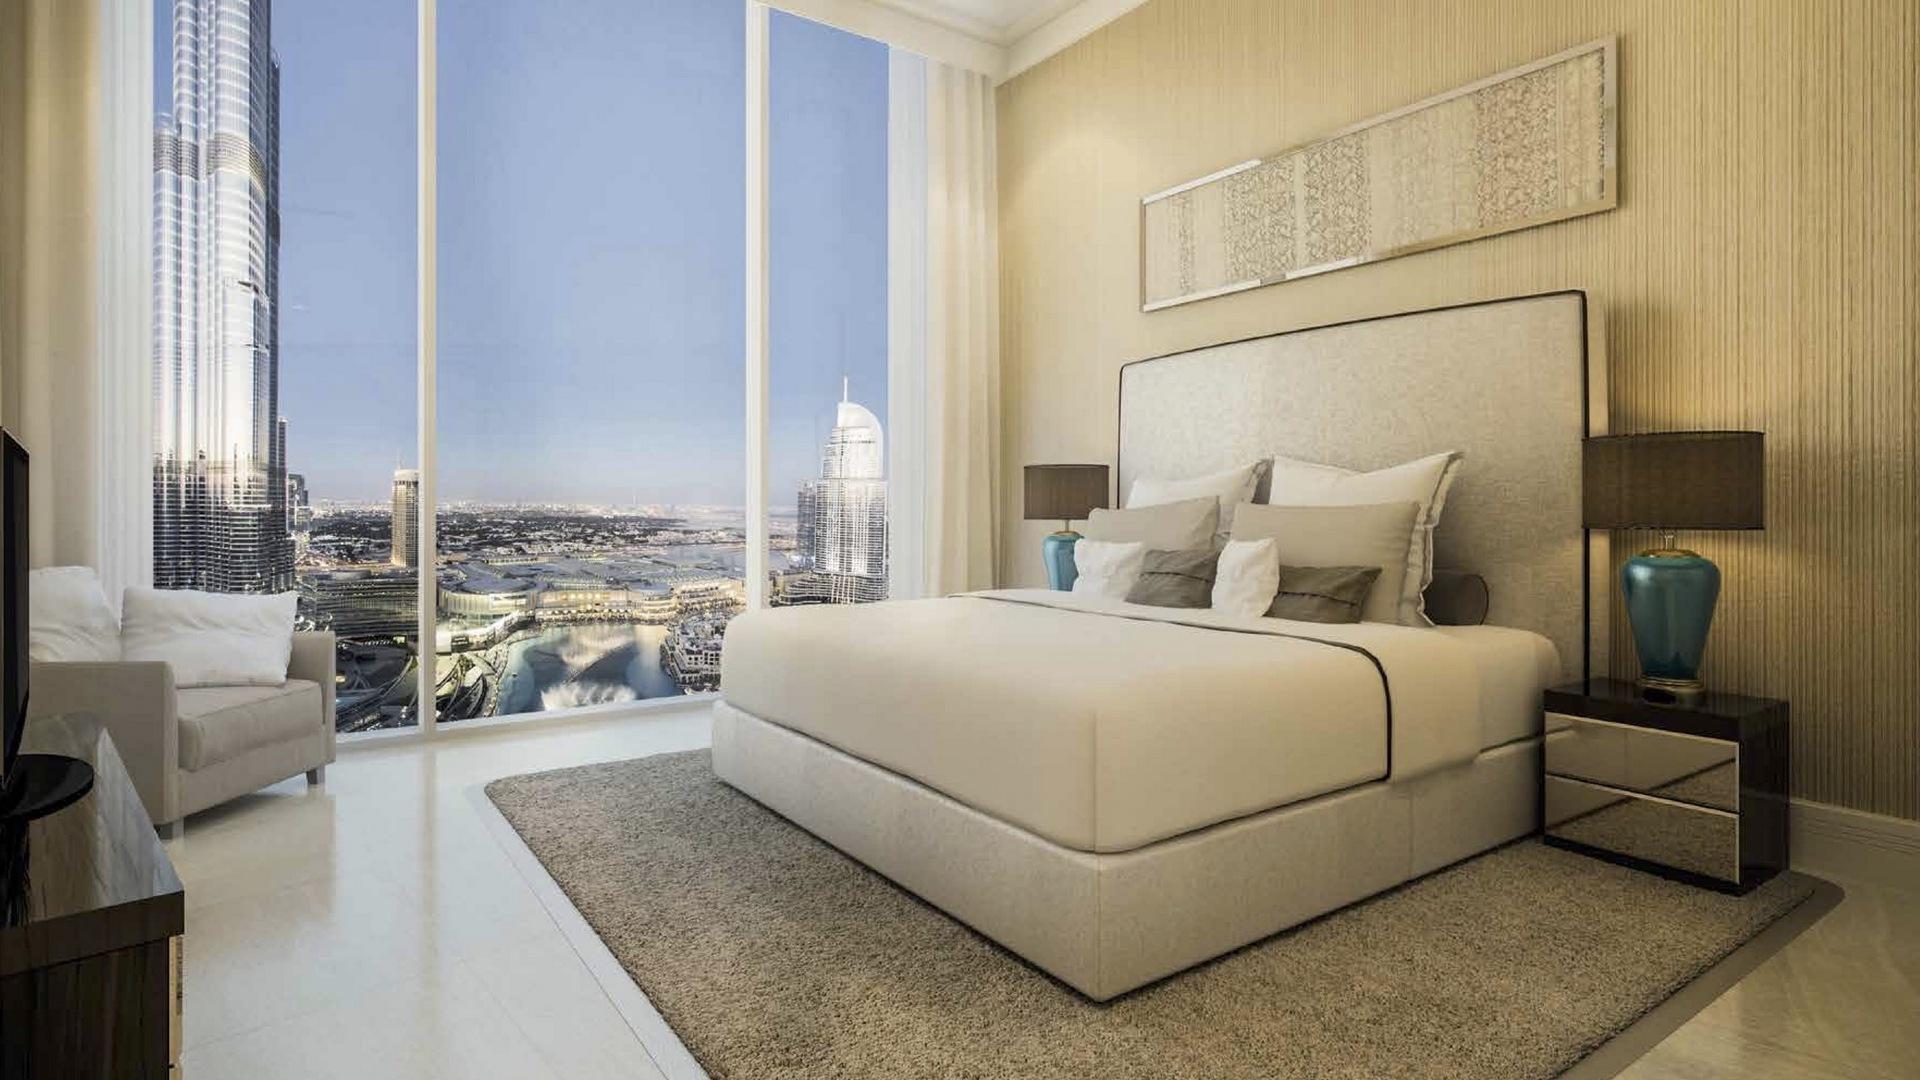 Adosado en venta en Dubai, EAU, 5 dormitorios, 421 m2, № 24074 – foto 1